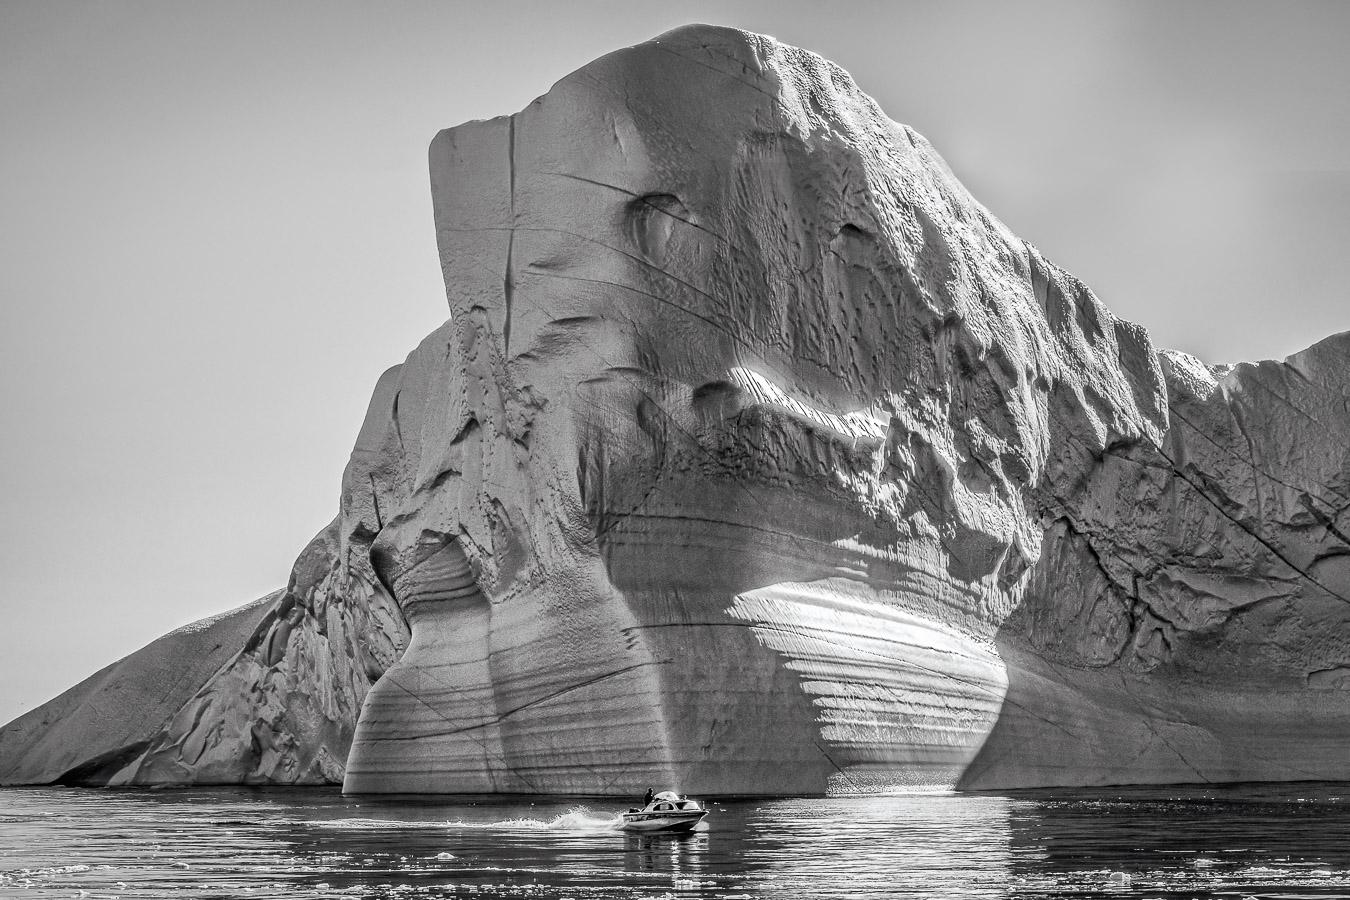 Mutig! Die horizontalen Linien zeigen, dass sich der Eisberg beim Abschmelzen dreht, Ilulissat, Westgrönland